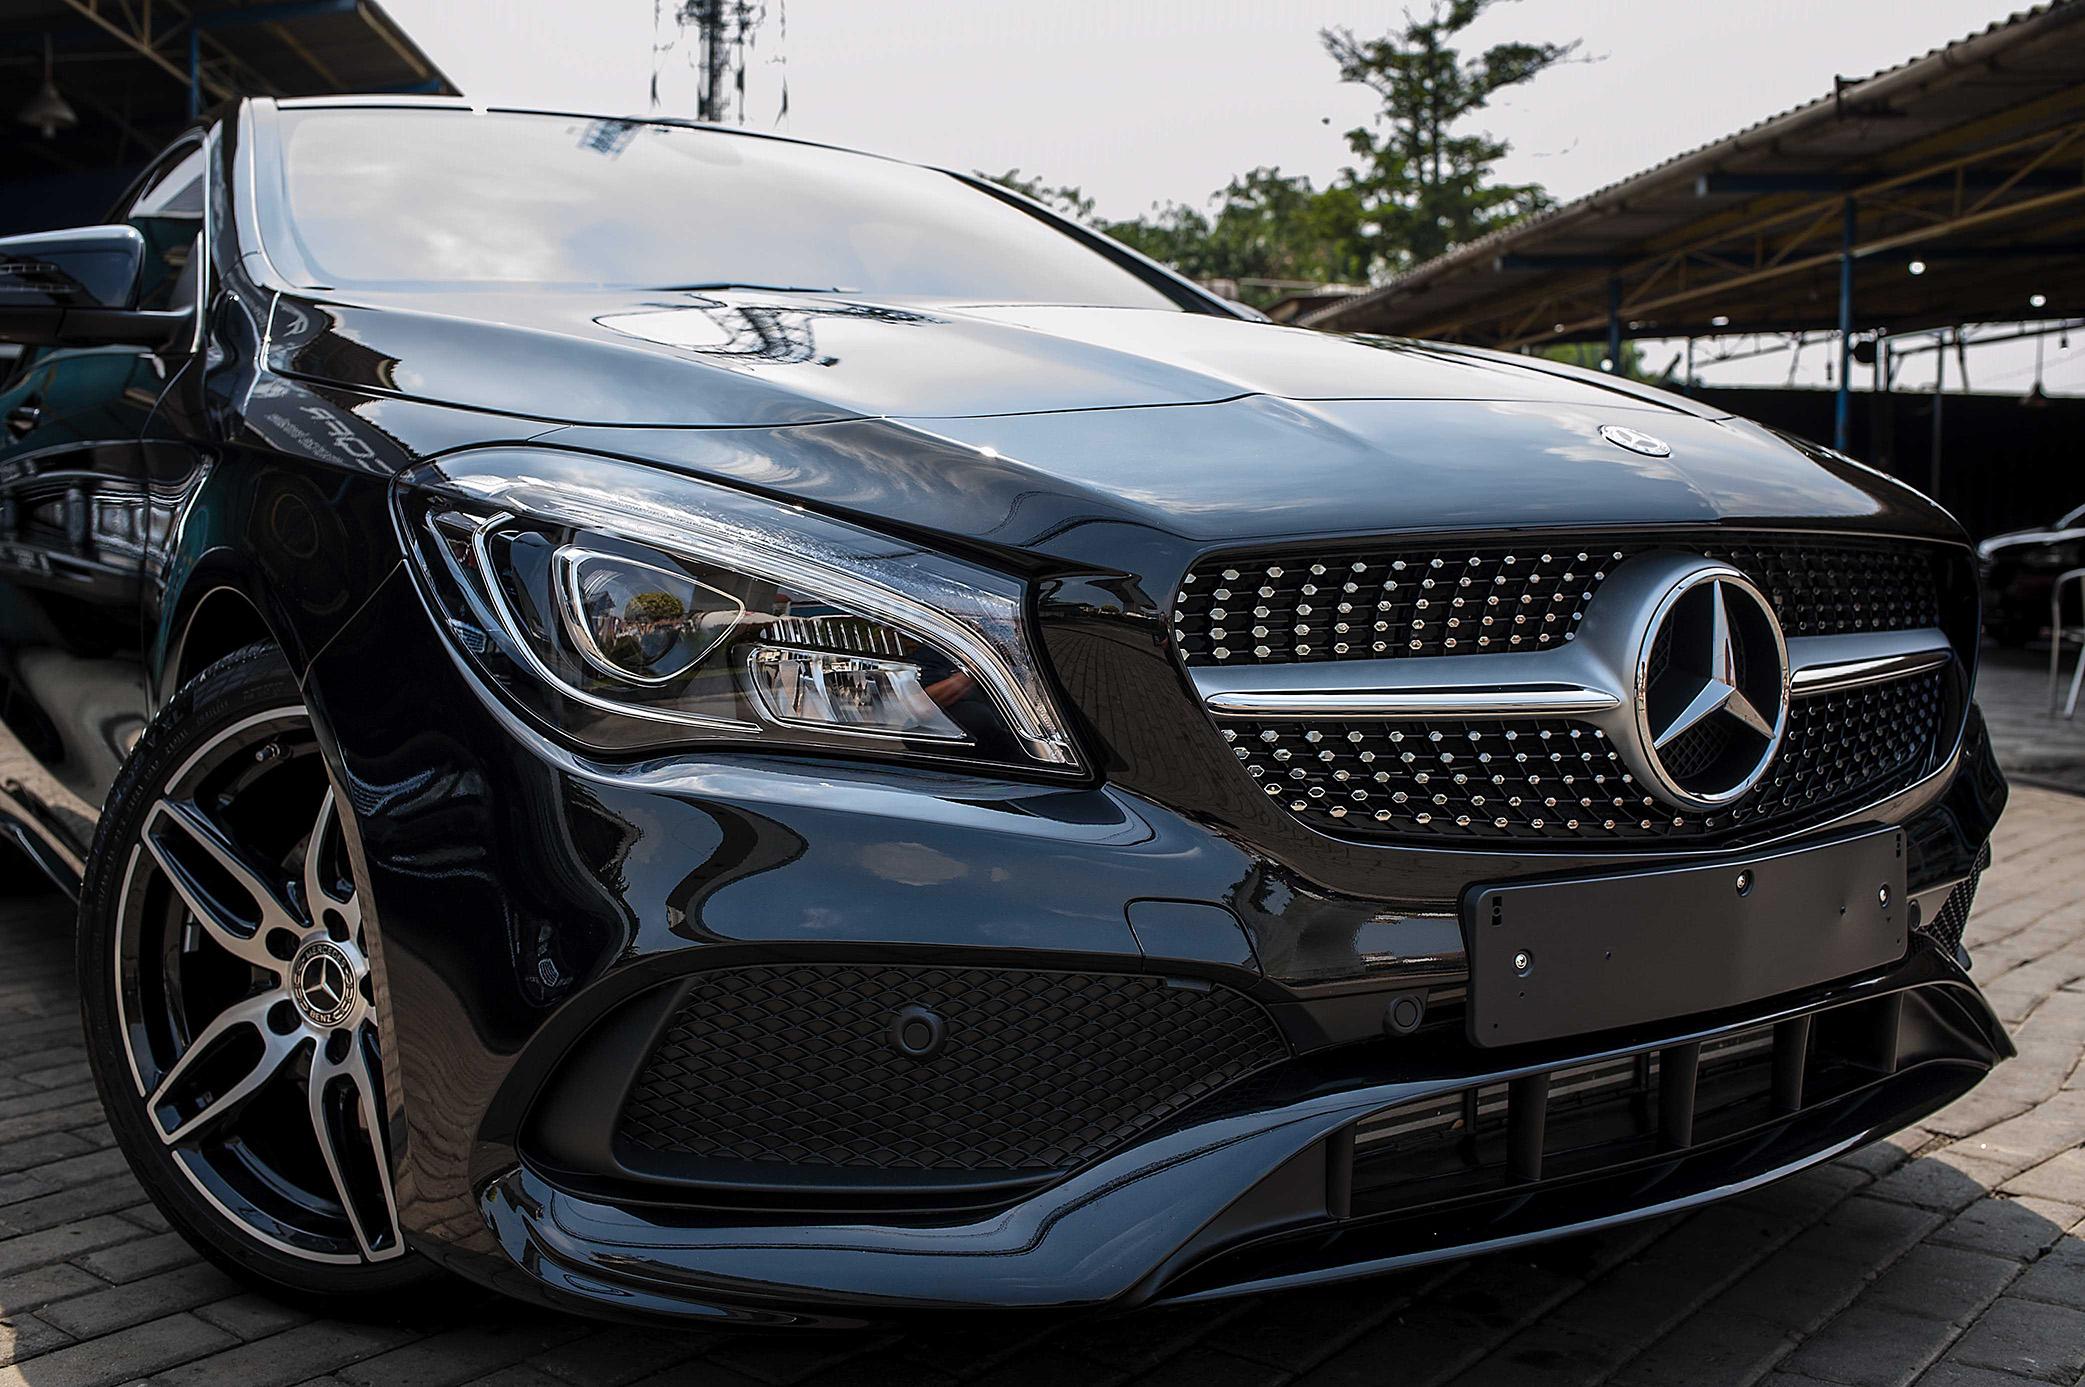 Mercedes CLA 200 for Cquartz Finest Ceramic Coating